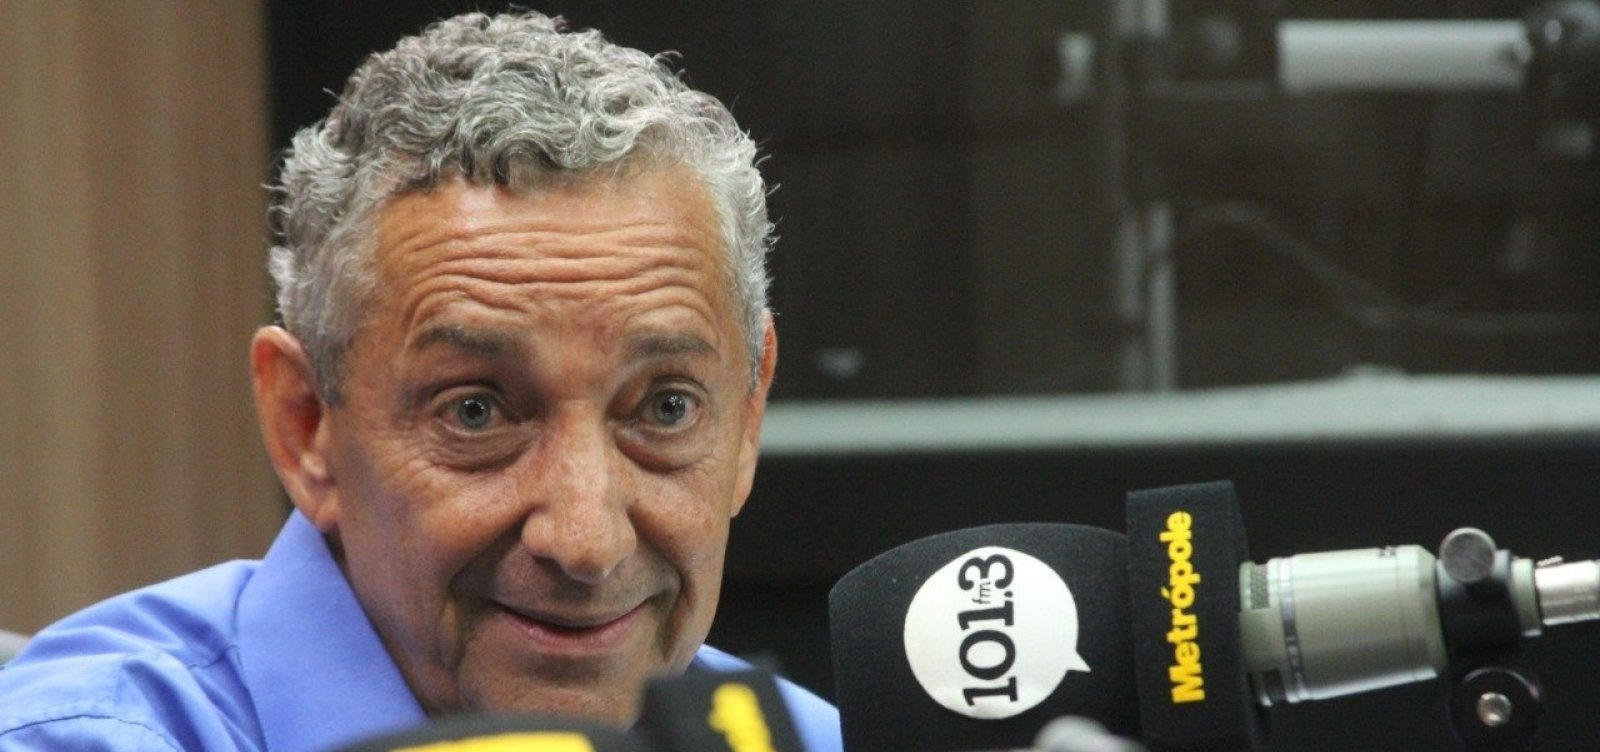 [Teobaldo Costa diz não ter sido notificado sobre investigação de suposta campanha antecipada]